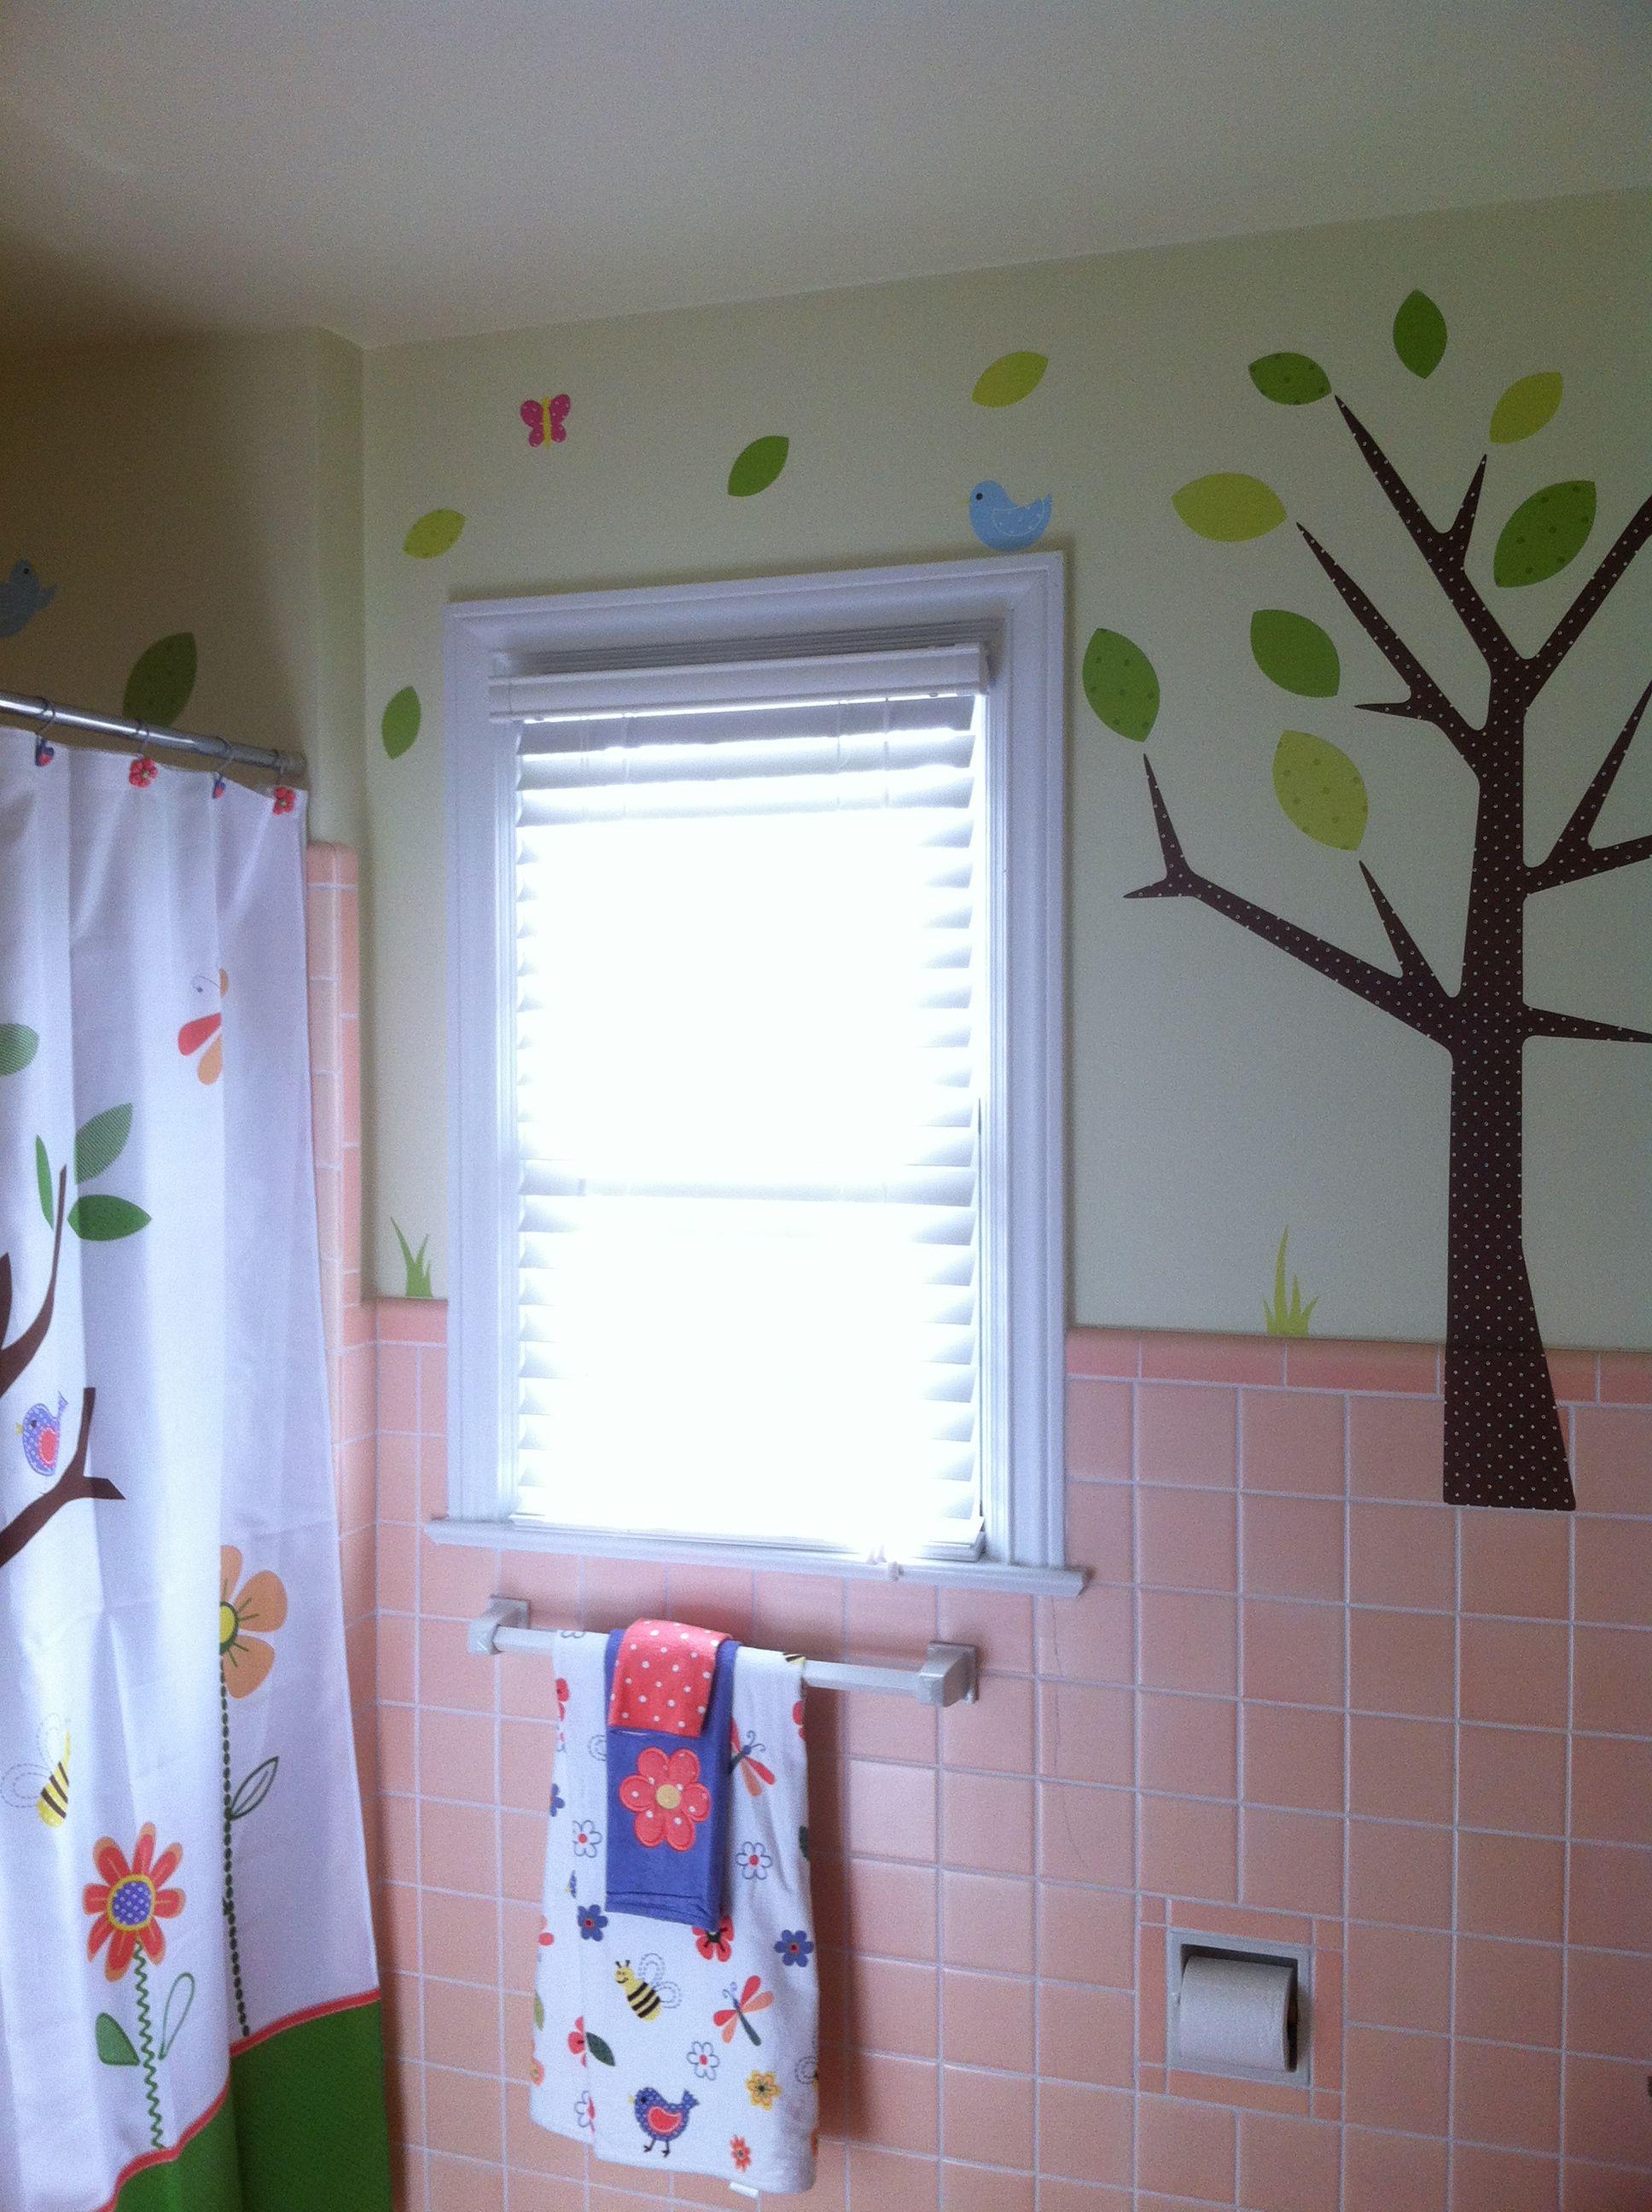 1940s Peach Tiled Bathroom Turned Into A Whimsical Unisex